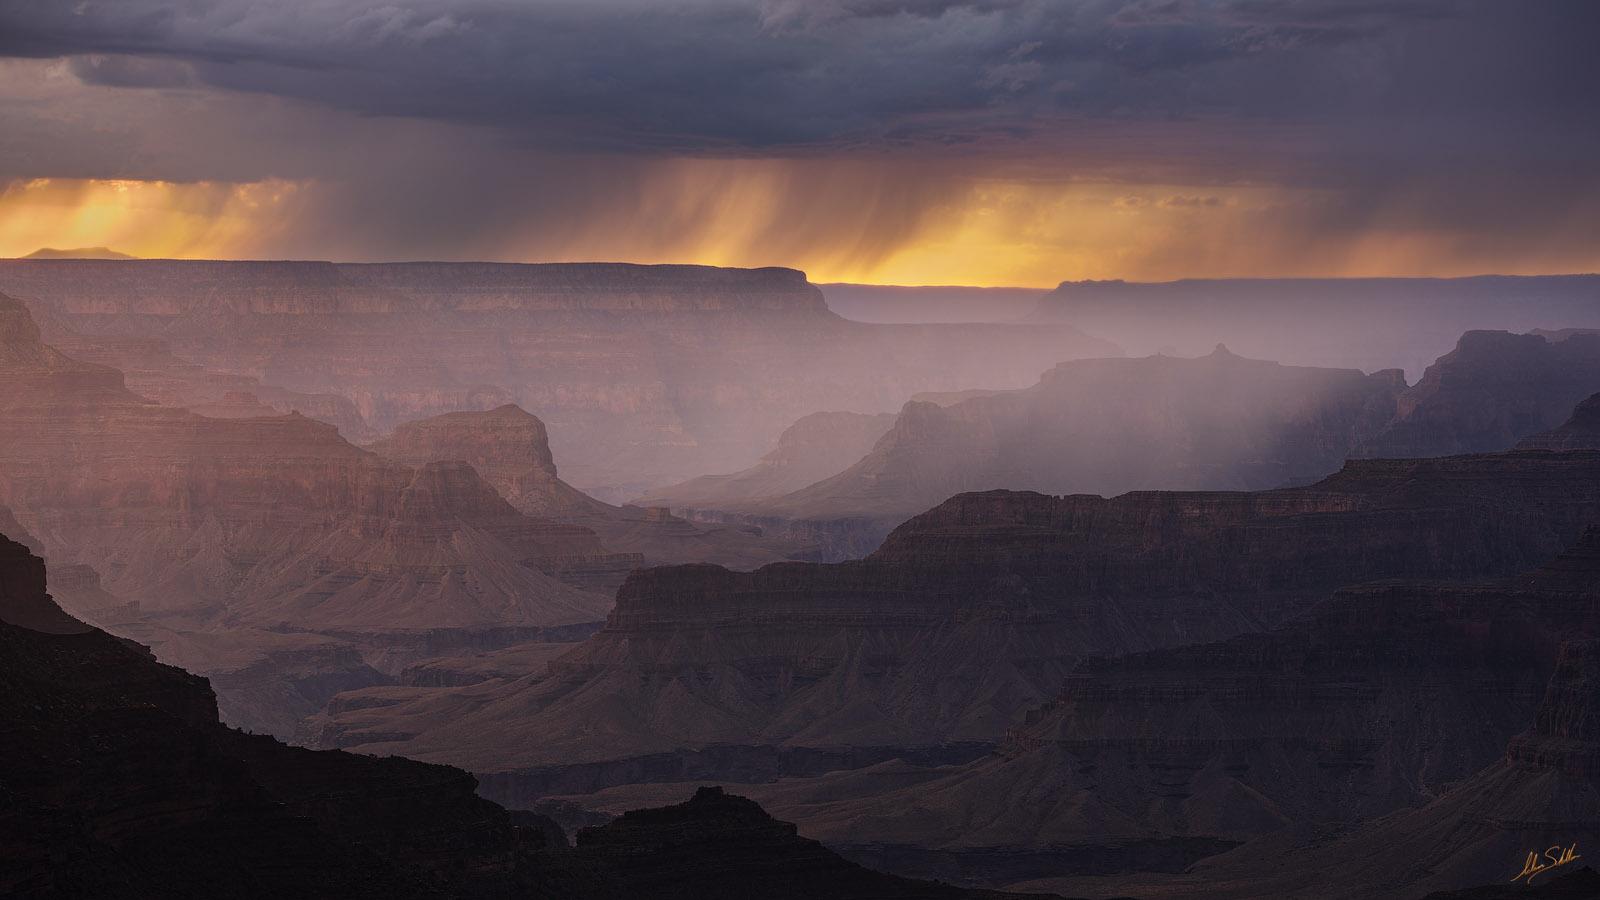 AZ, Arizona, Grand Canyon, National Park, South Rim, Yavapai Point, photo